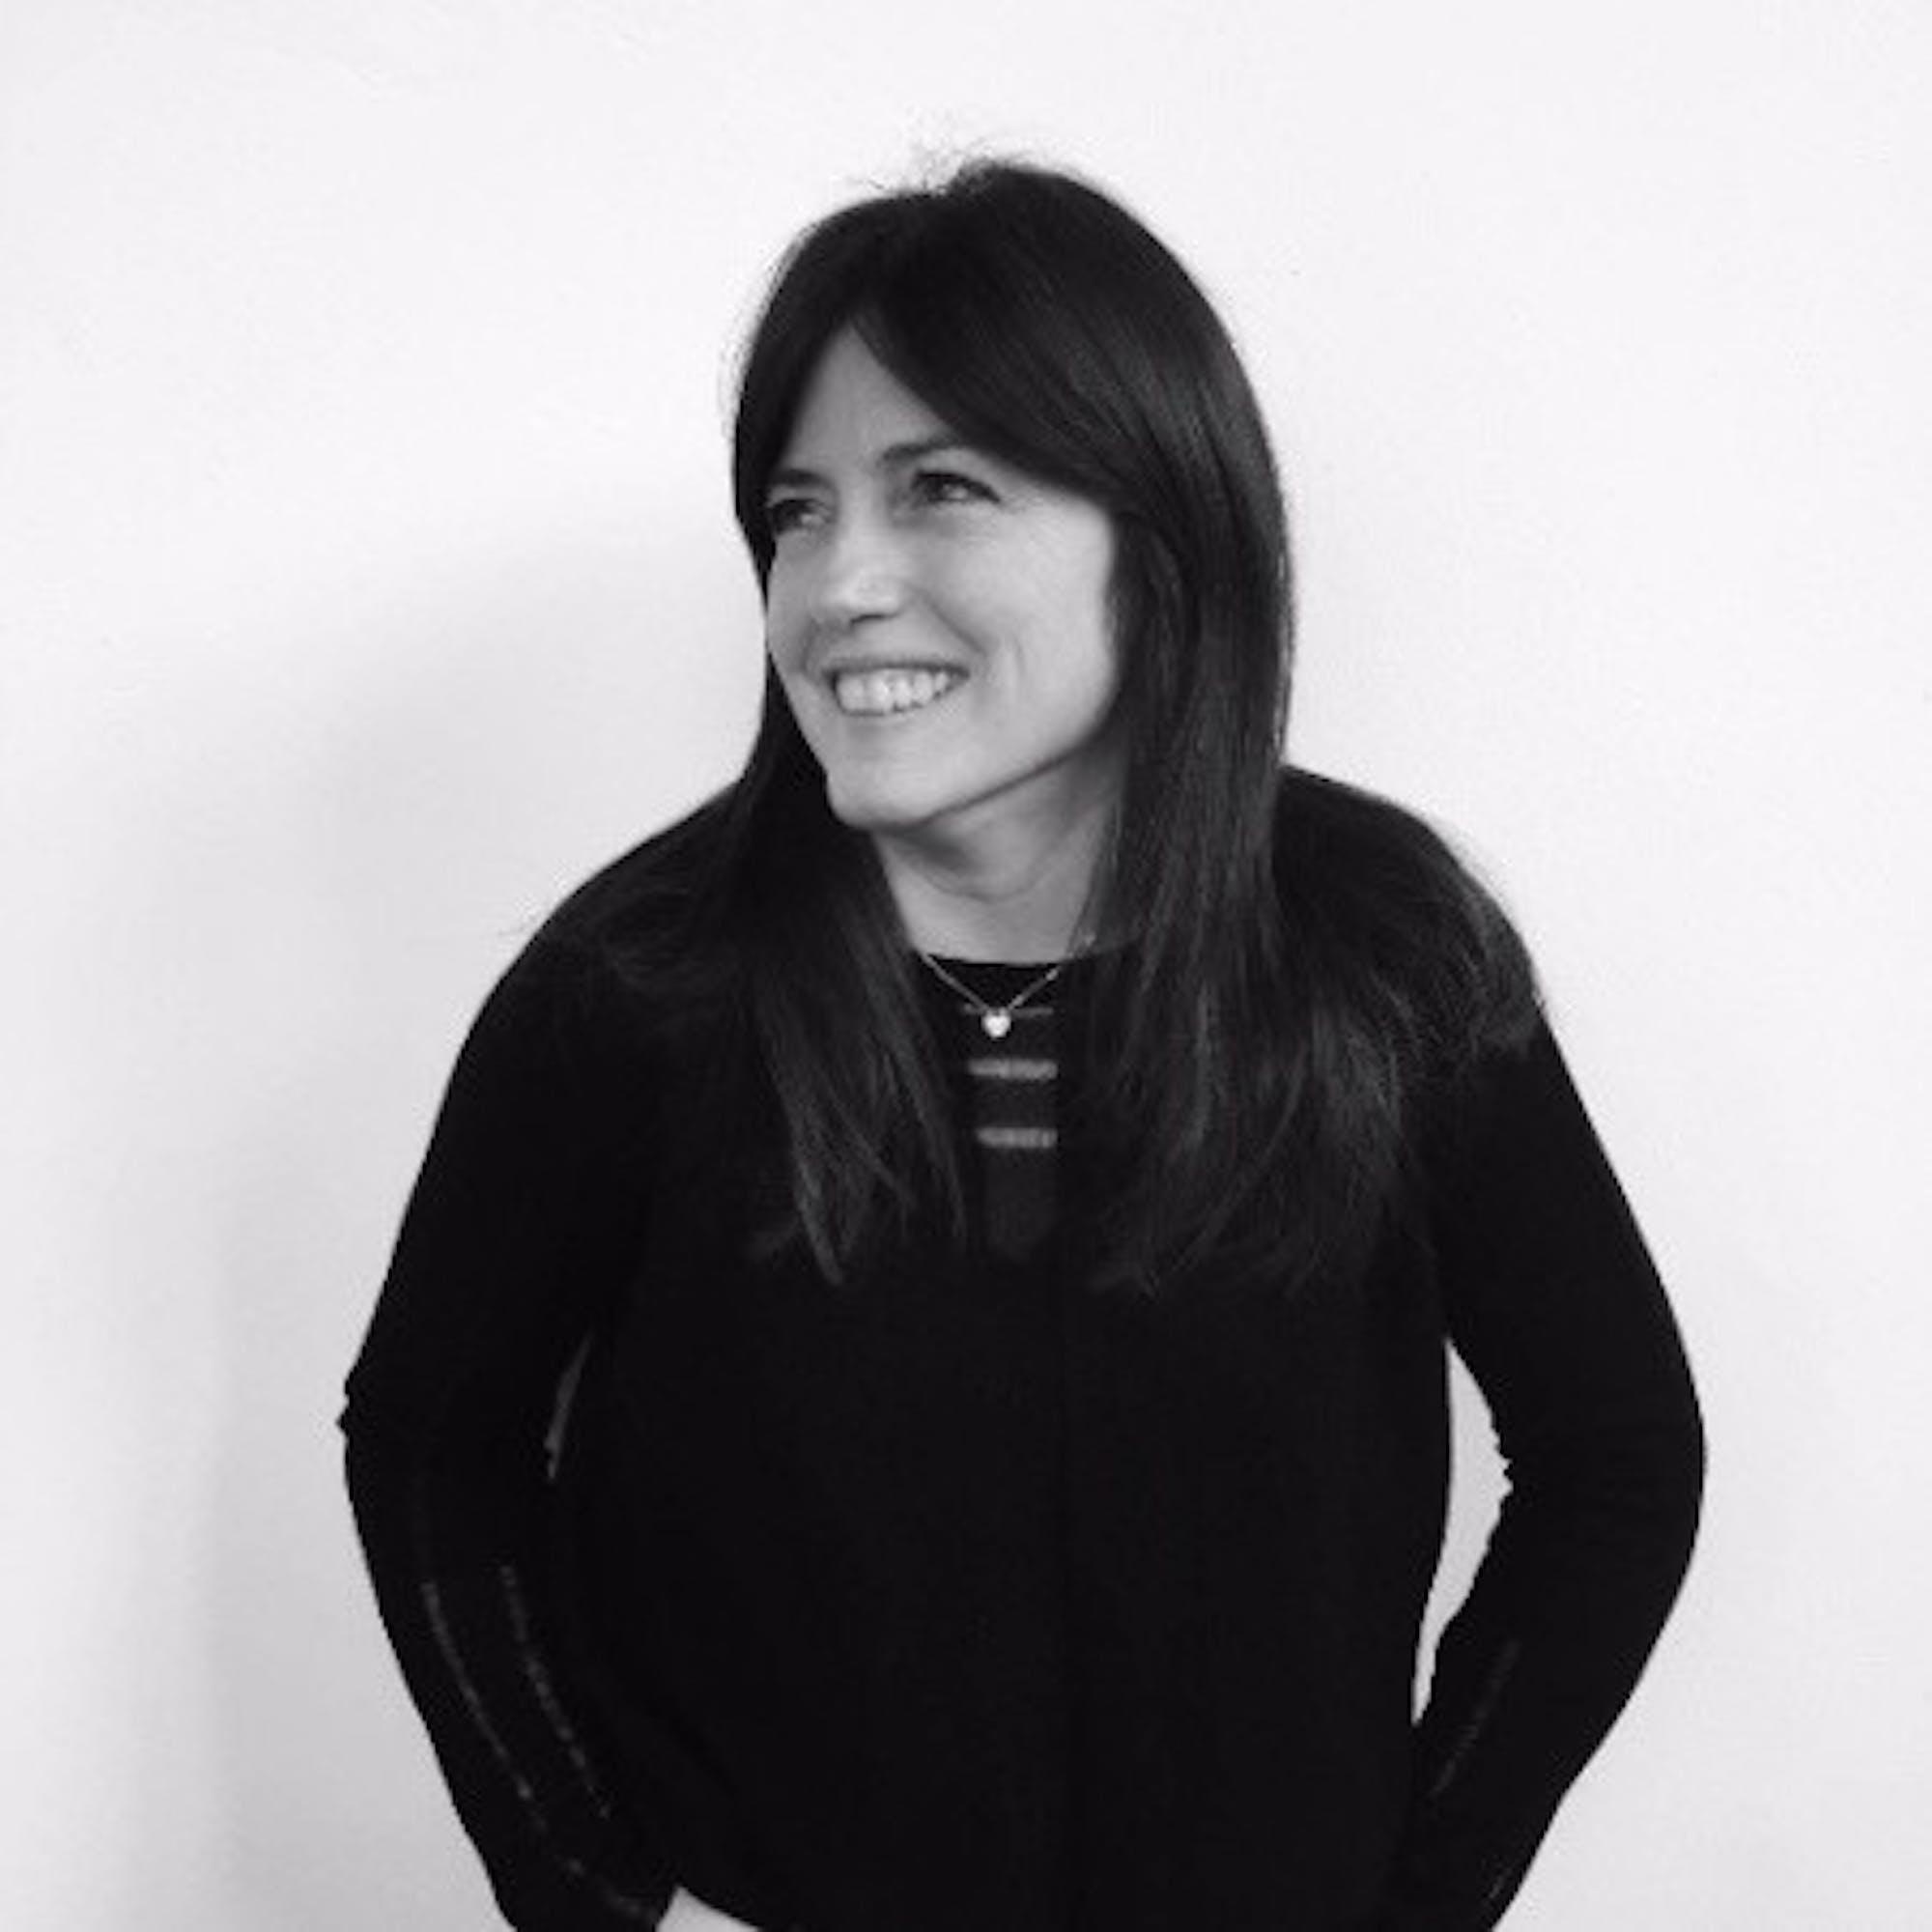 Spotlight on the Speakers  Melissa Bisset, Marketing Director, Johnstons of Elgin